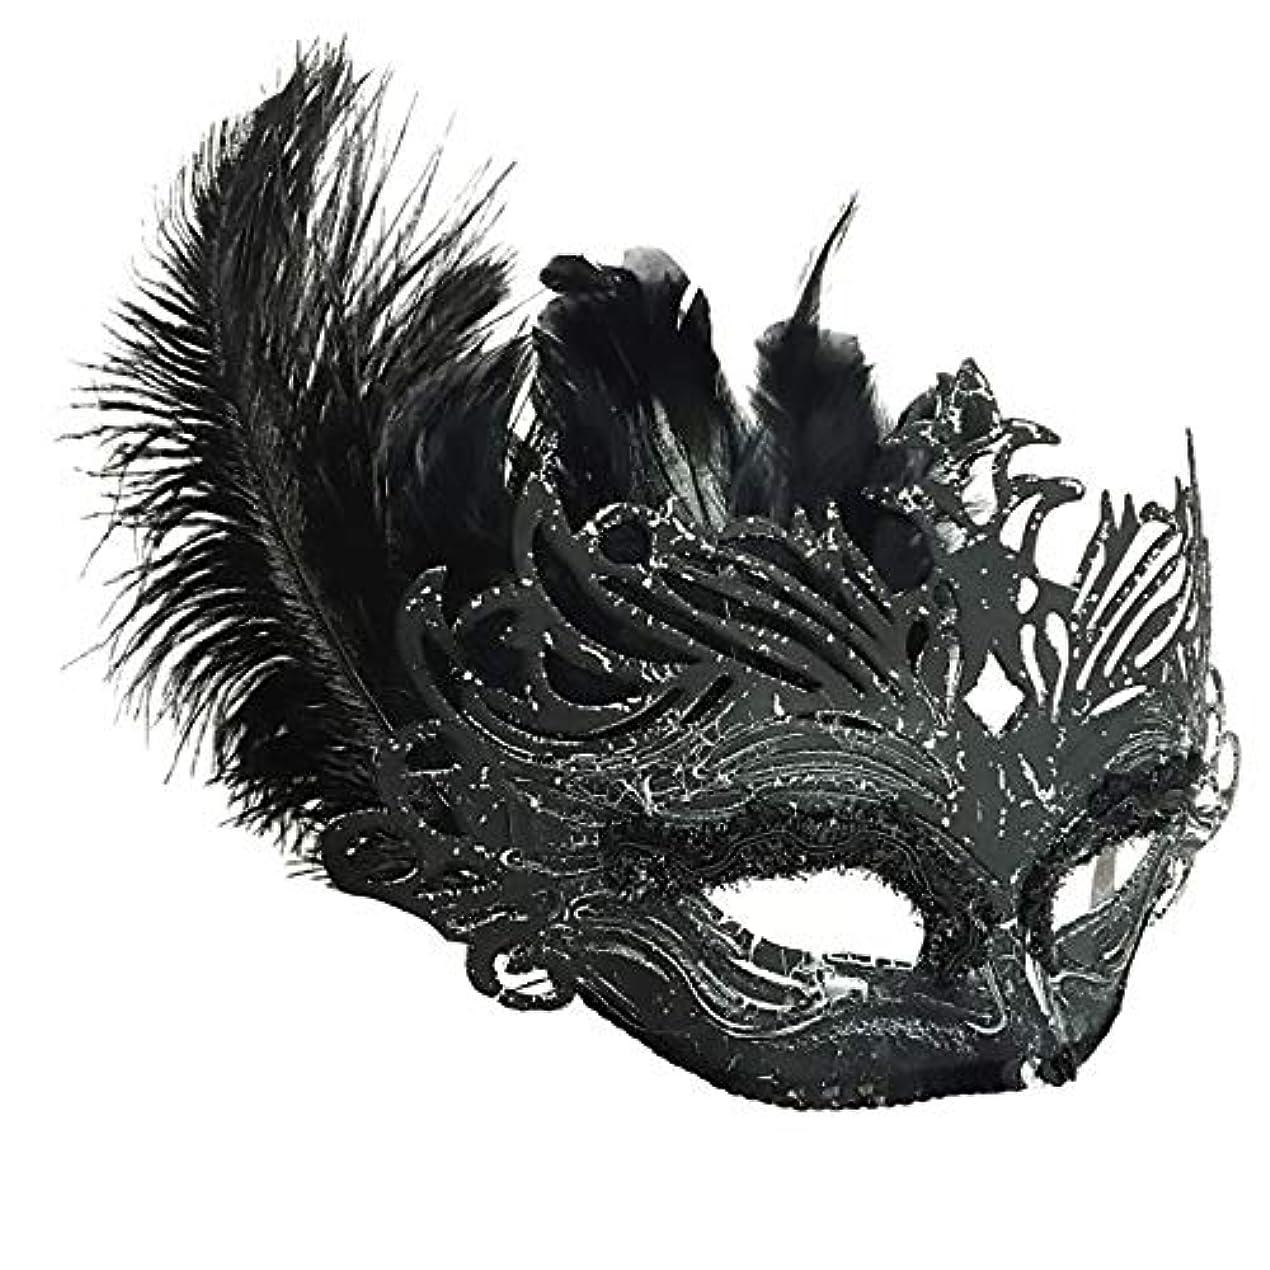 ただやる統合親指Nanle Halloween Ornate Blackコロンビーナフェザーマスク (色 : 黒)